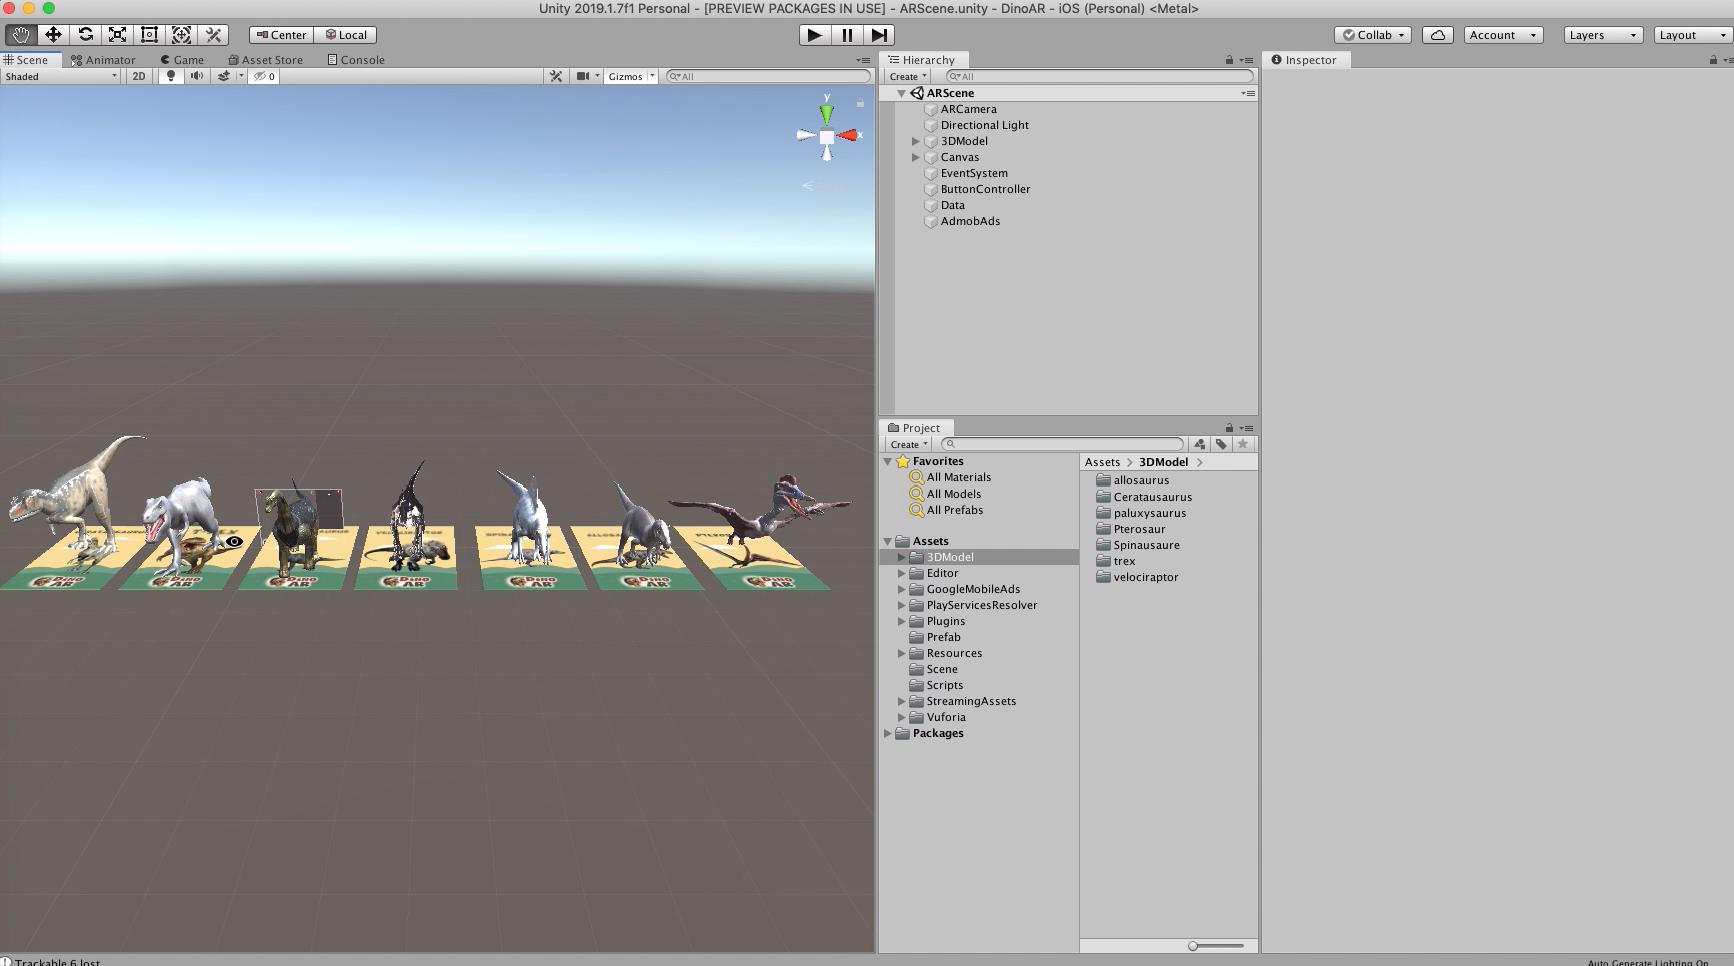 DinoAR Dinosaurs | Augmented Reality App Kit Unity